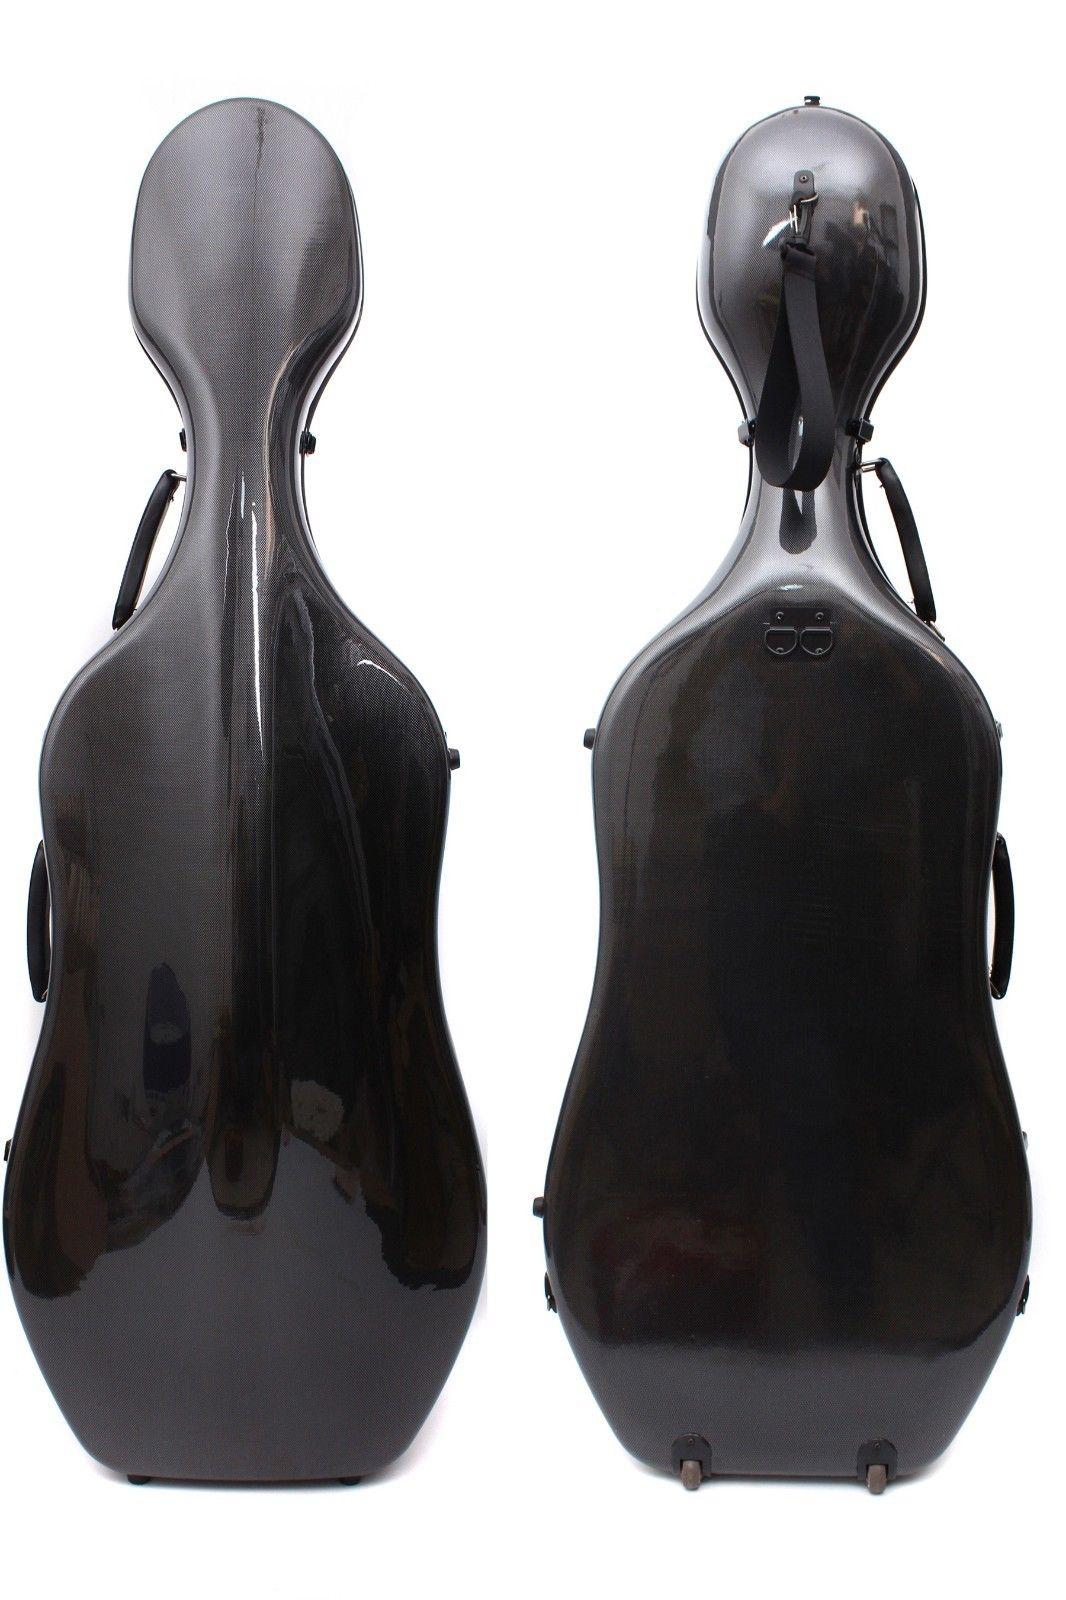 Yinfente funda para violonchelo de fibra de carbono 4/4 estuche de violonchelo duro estuche para violonchelo de alta resistencia luz fuerte 3,6 kg